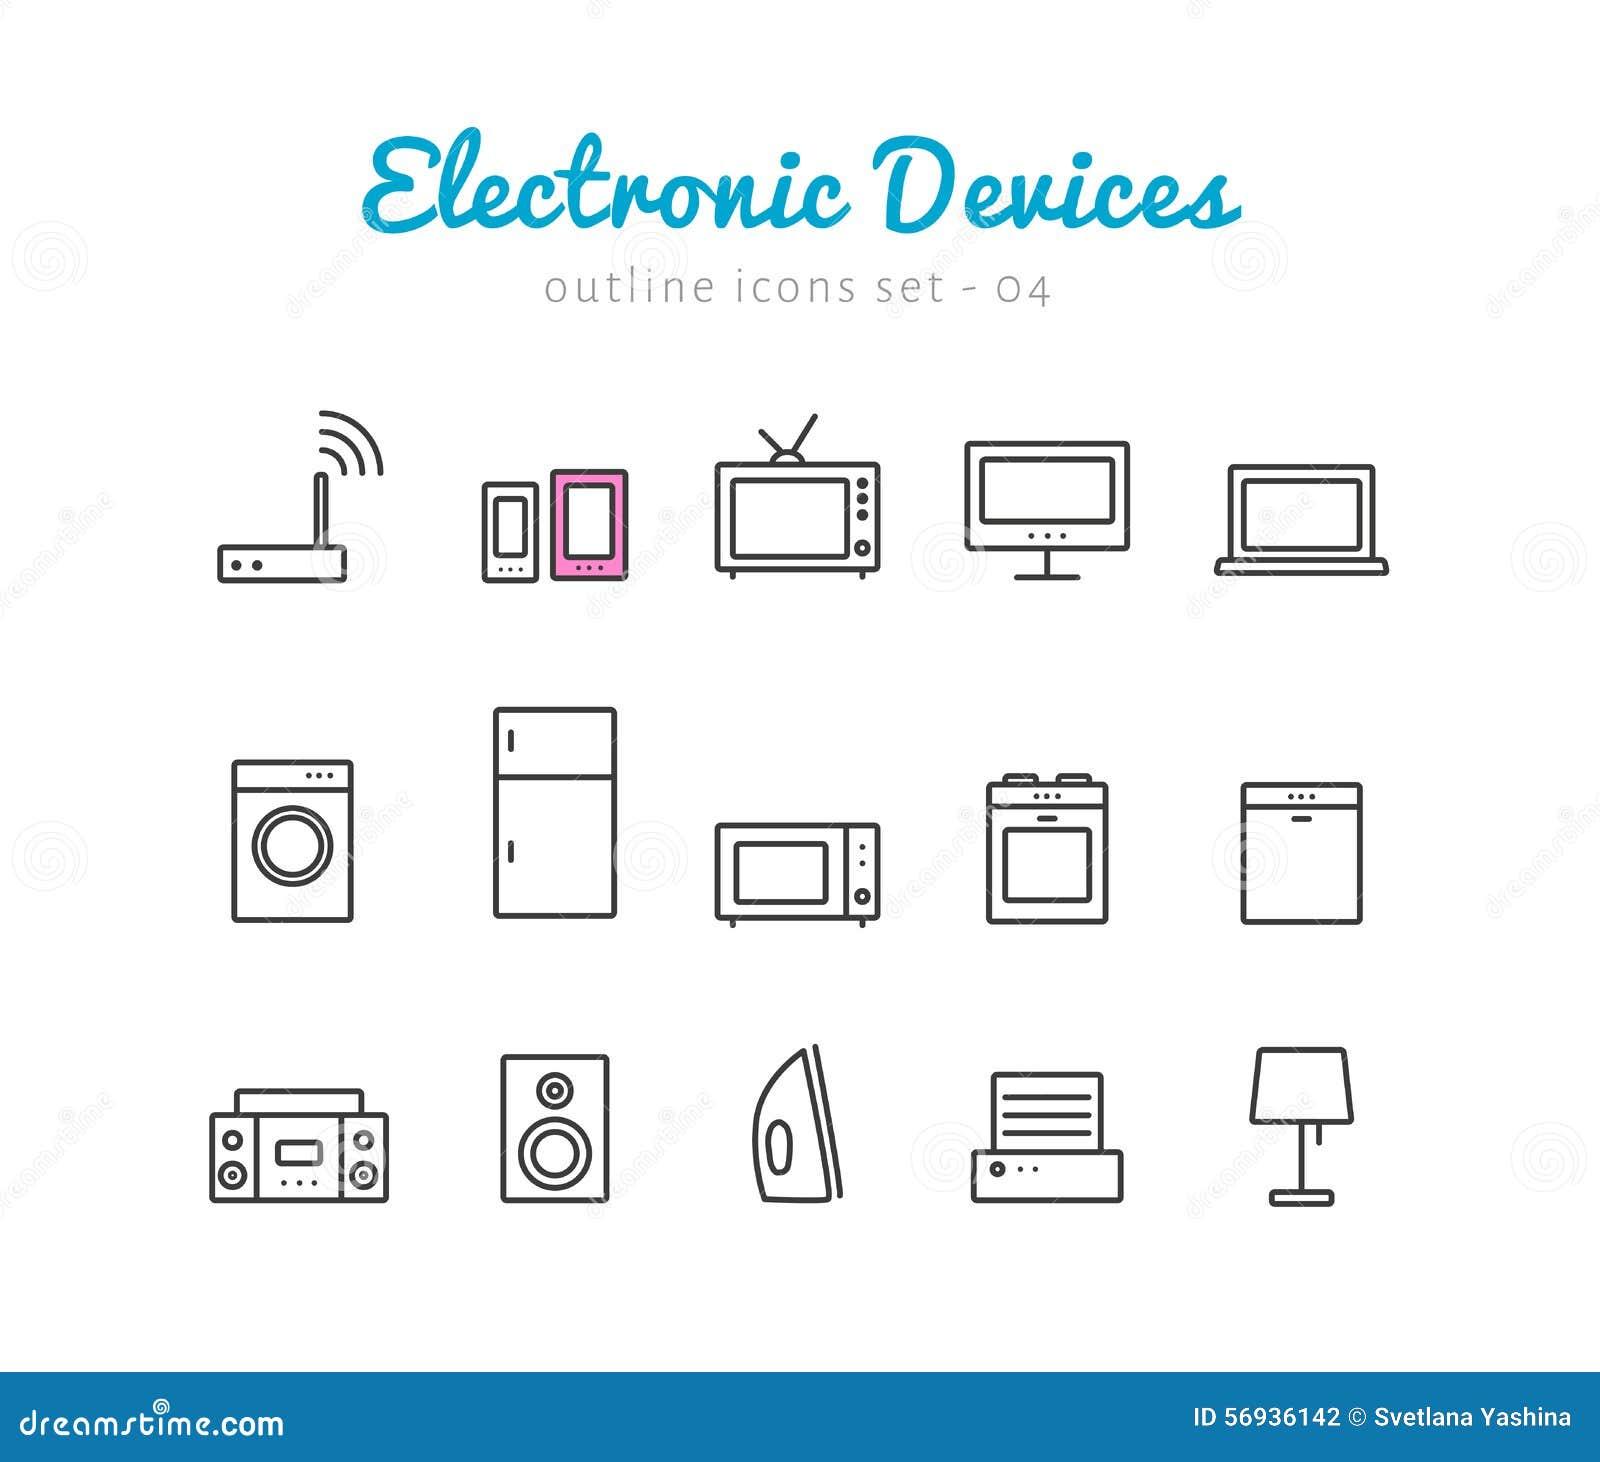 Ηλεκτρονικές συσκευές